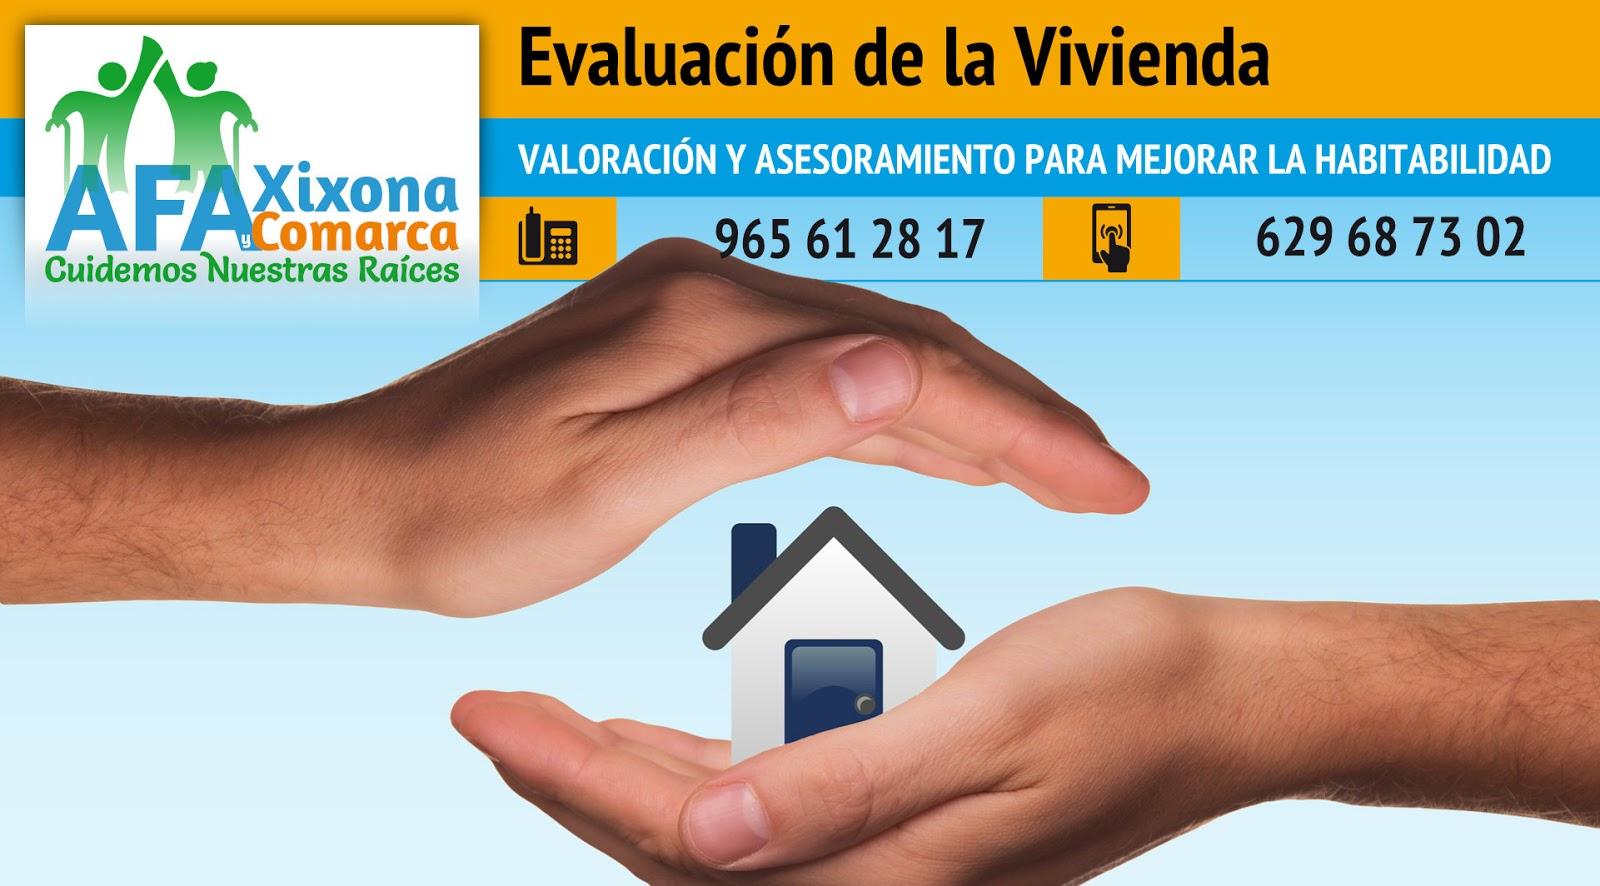 Evaluación de la vivienda